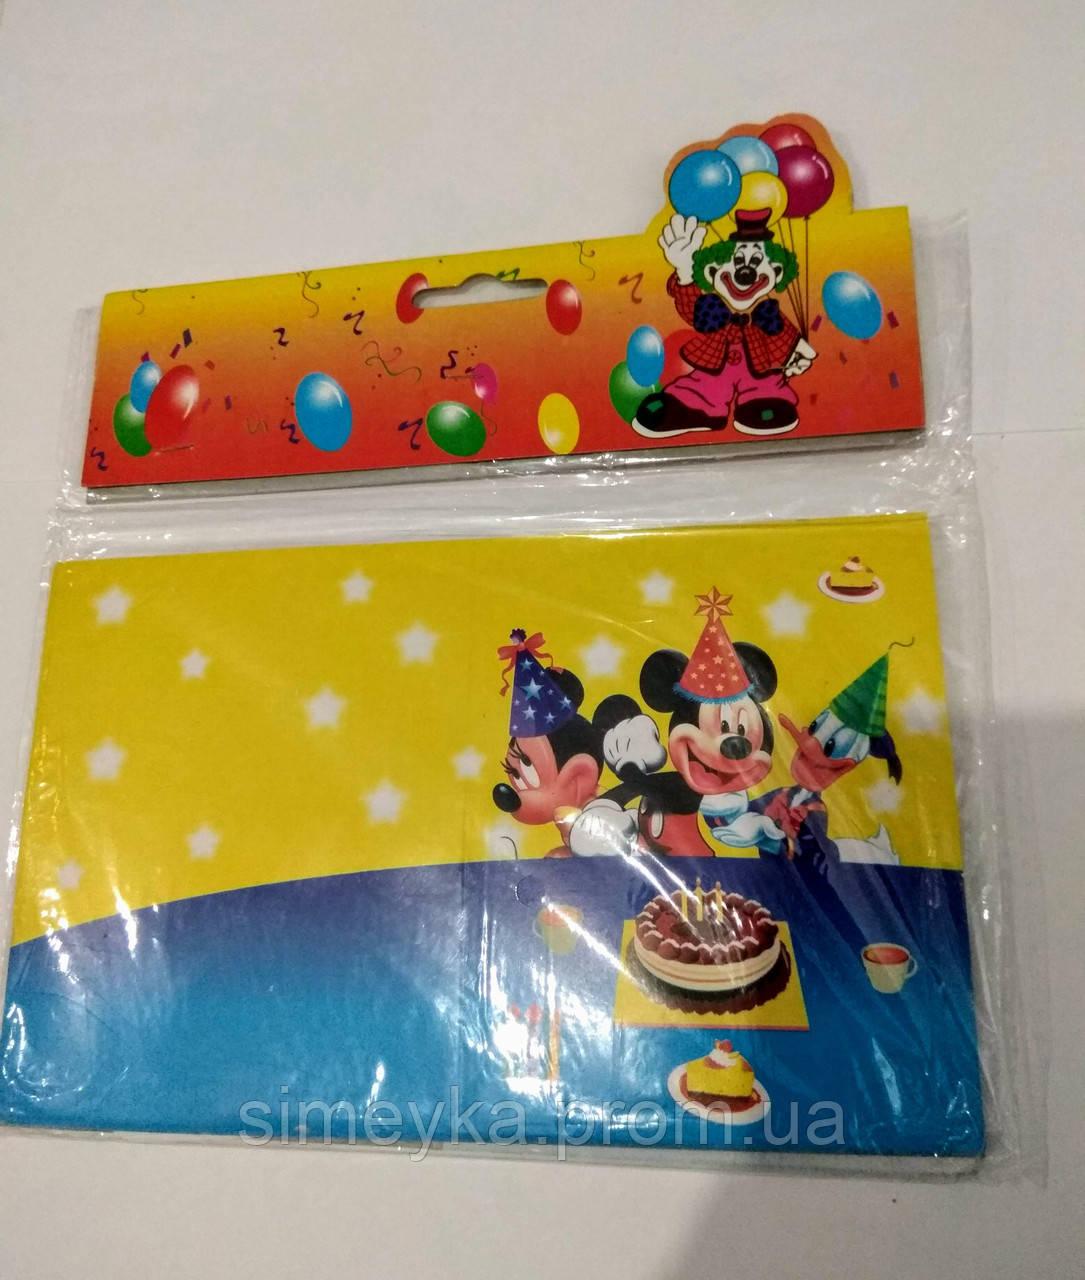 """Запрошення на дитячий день народження, в упаковці 10 шт. з конвертиками. """"Міккі Маус"""""""